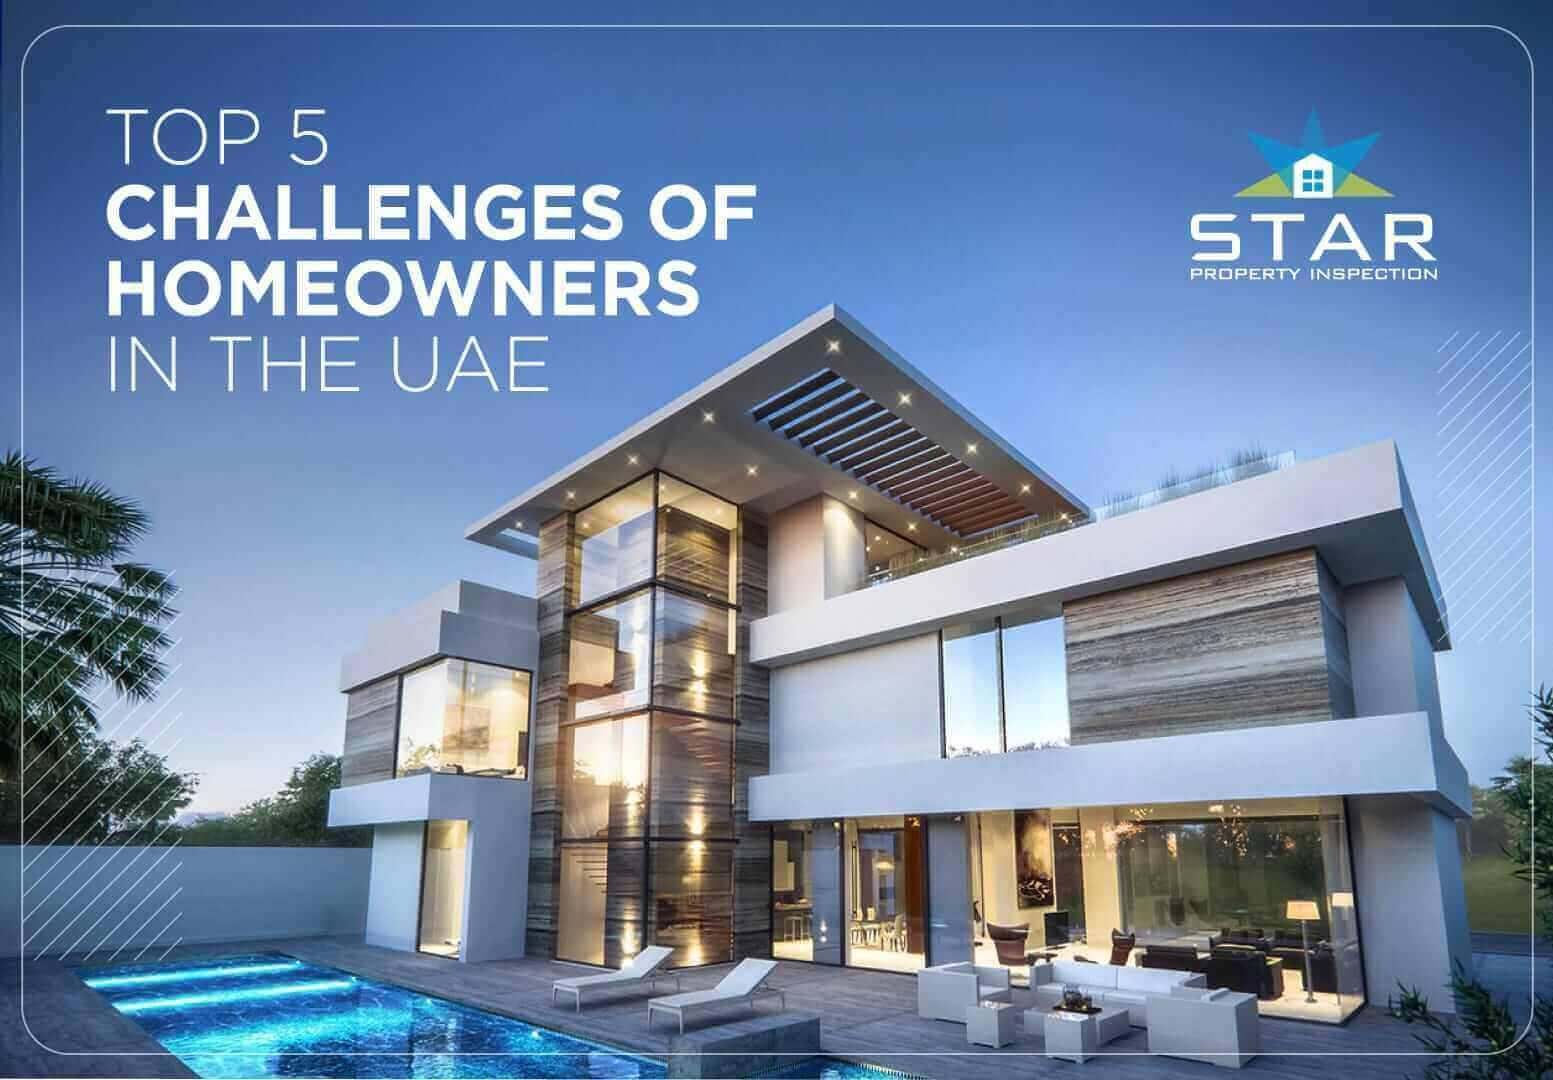 Rera Recommended Villa Inspection Company Dubai